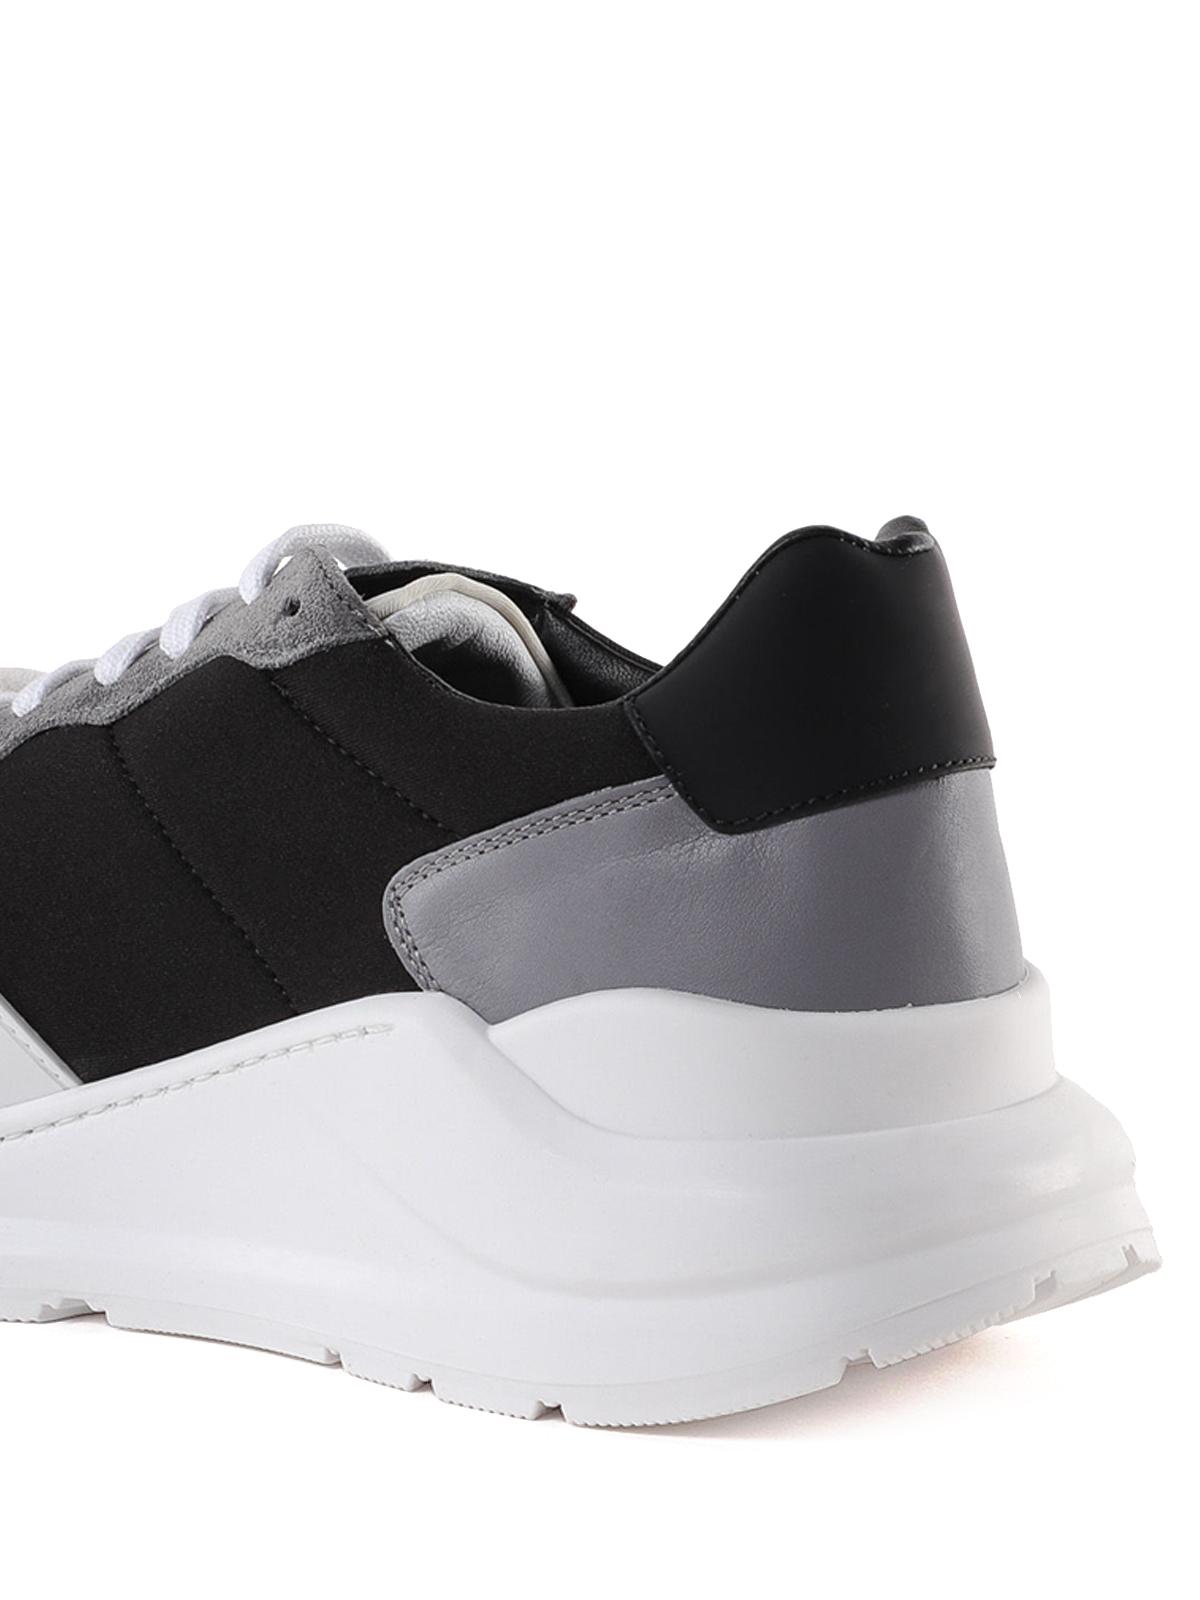 Chaussures De Burberry Sport Regis 8005364 Baskets wqEz4T